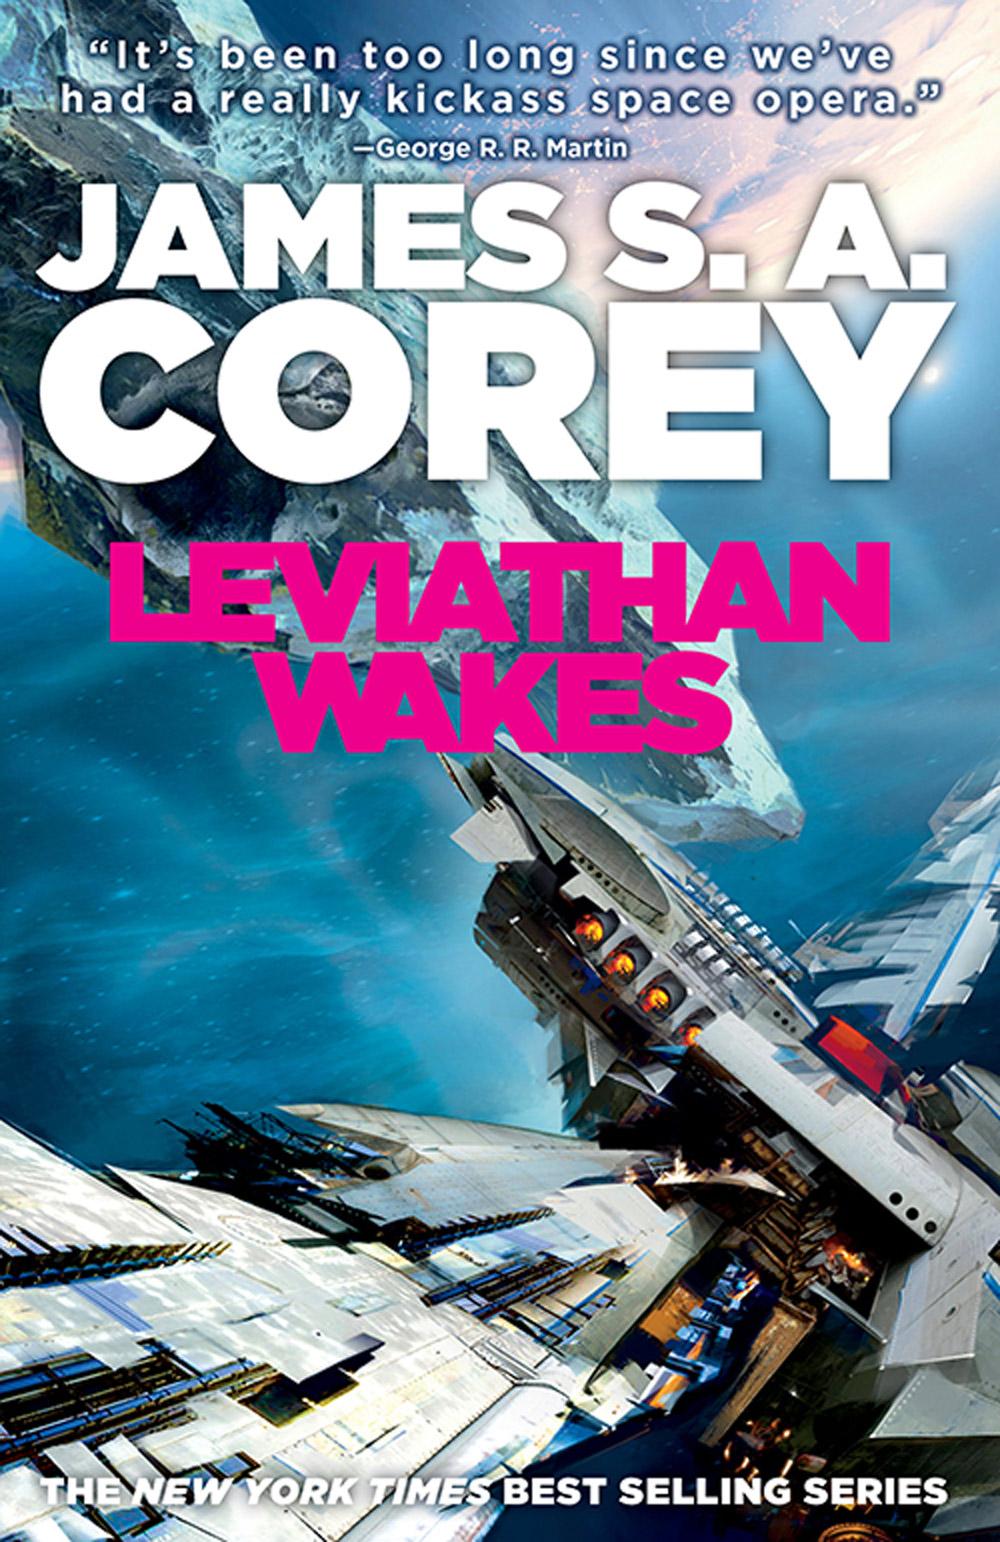 1-Corey_Leviathan-Wakes-(TP)